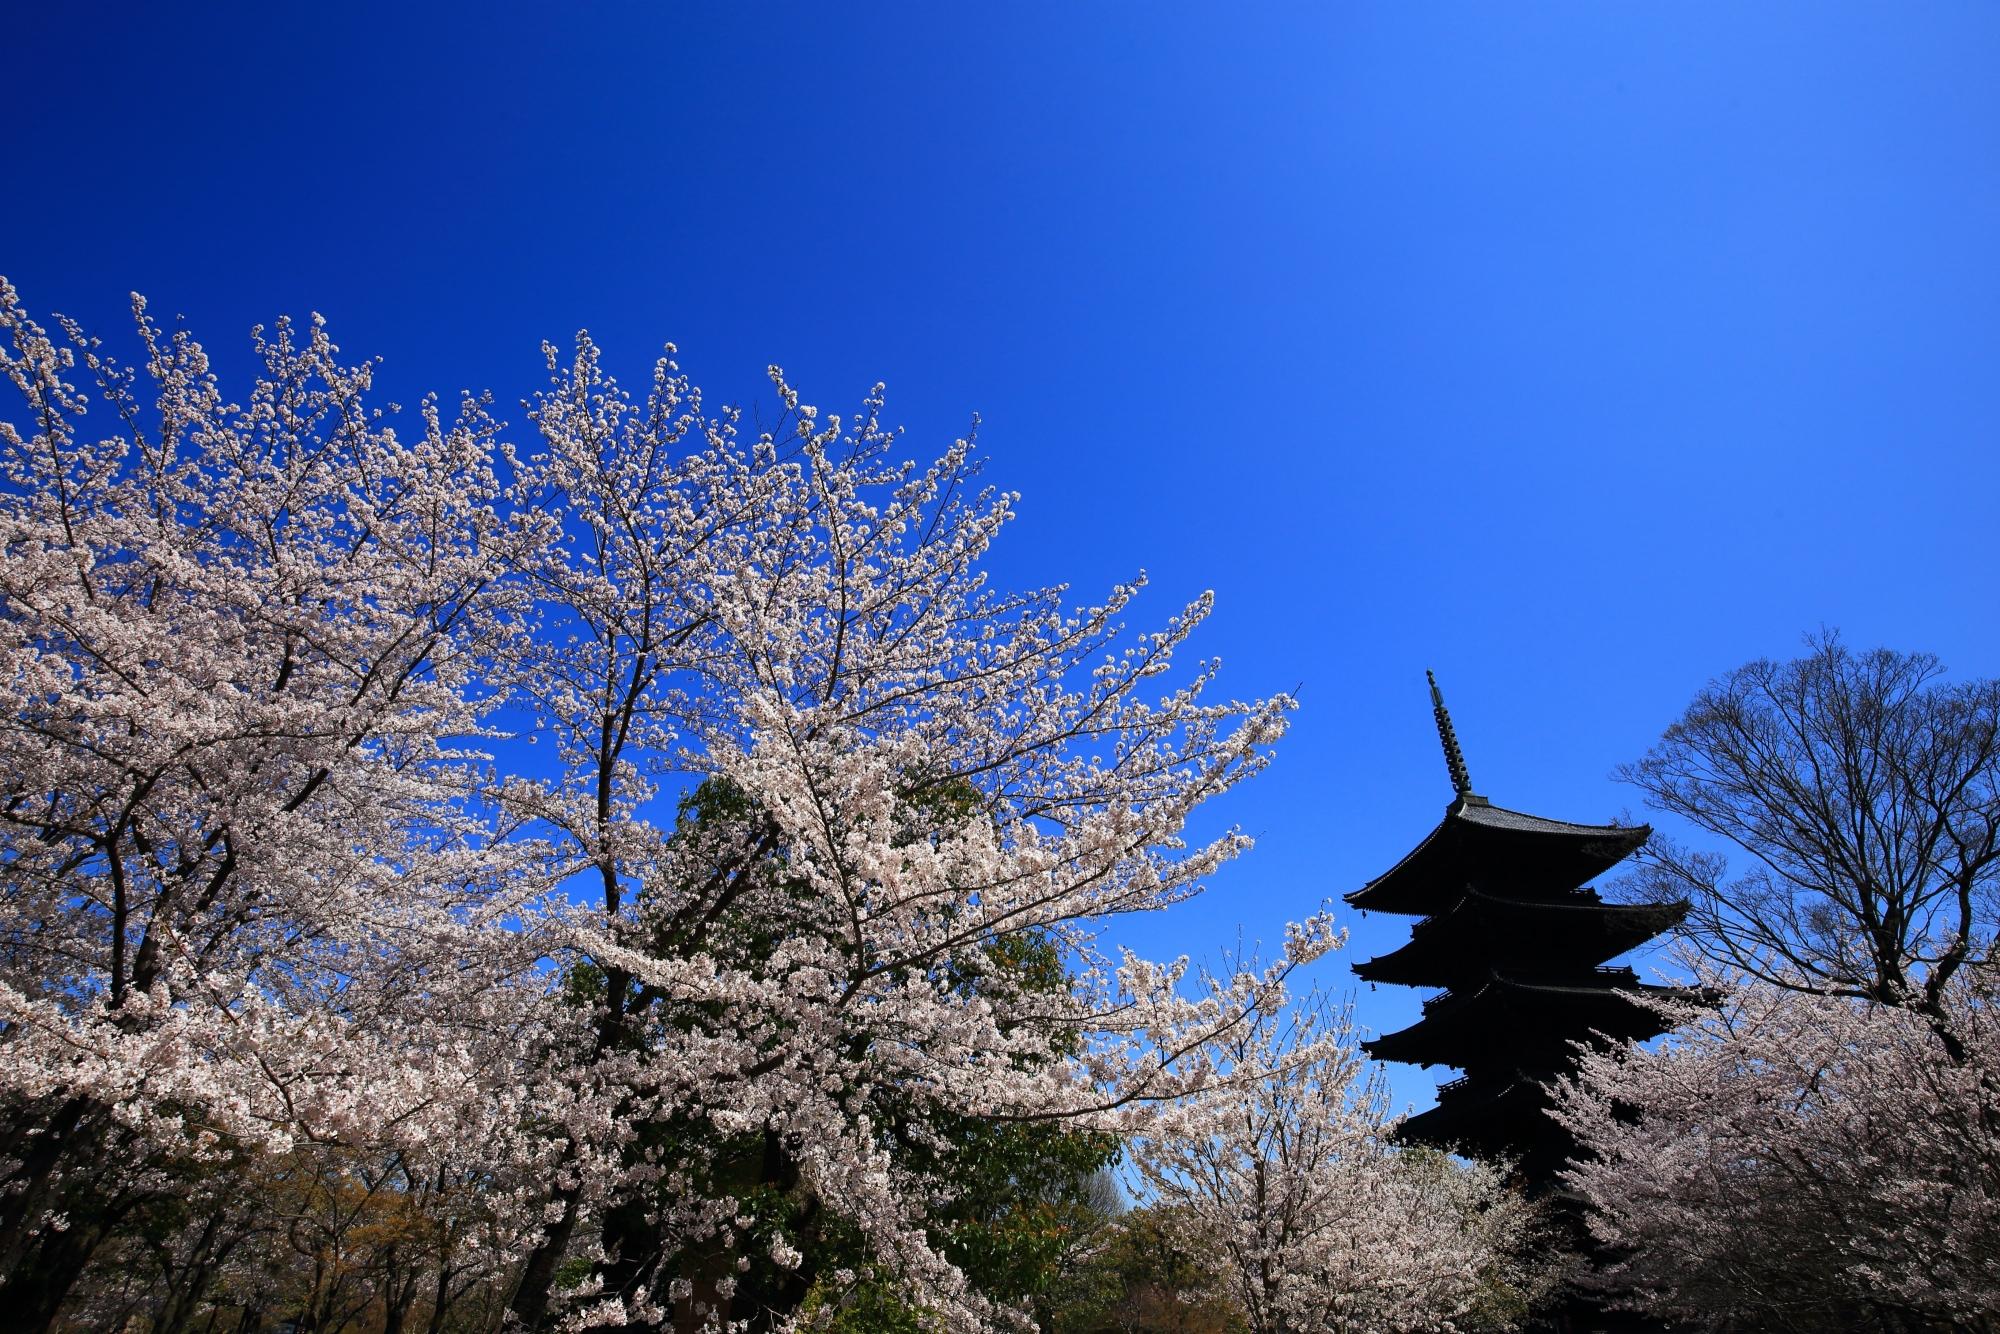 爽快な青空の下で煌く桜と五重塔